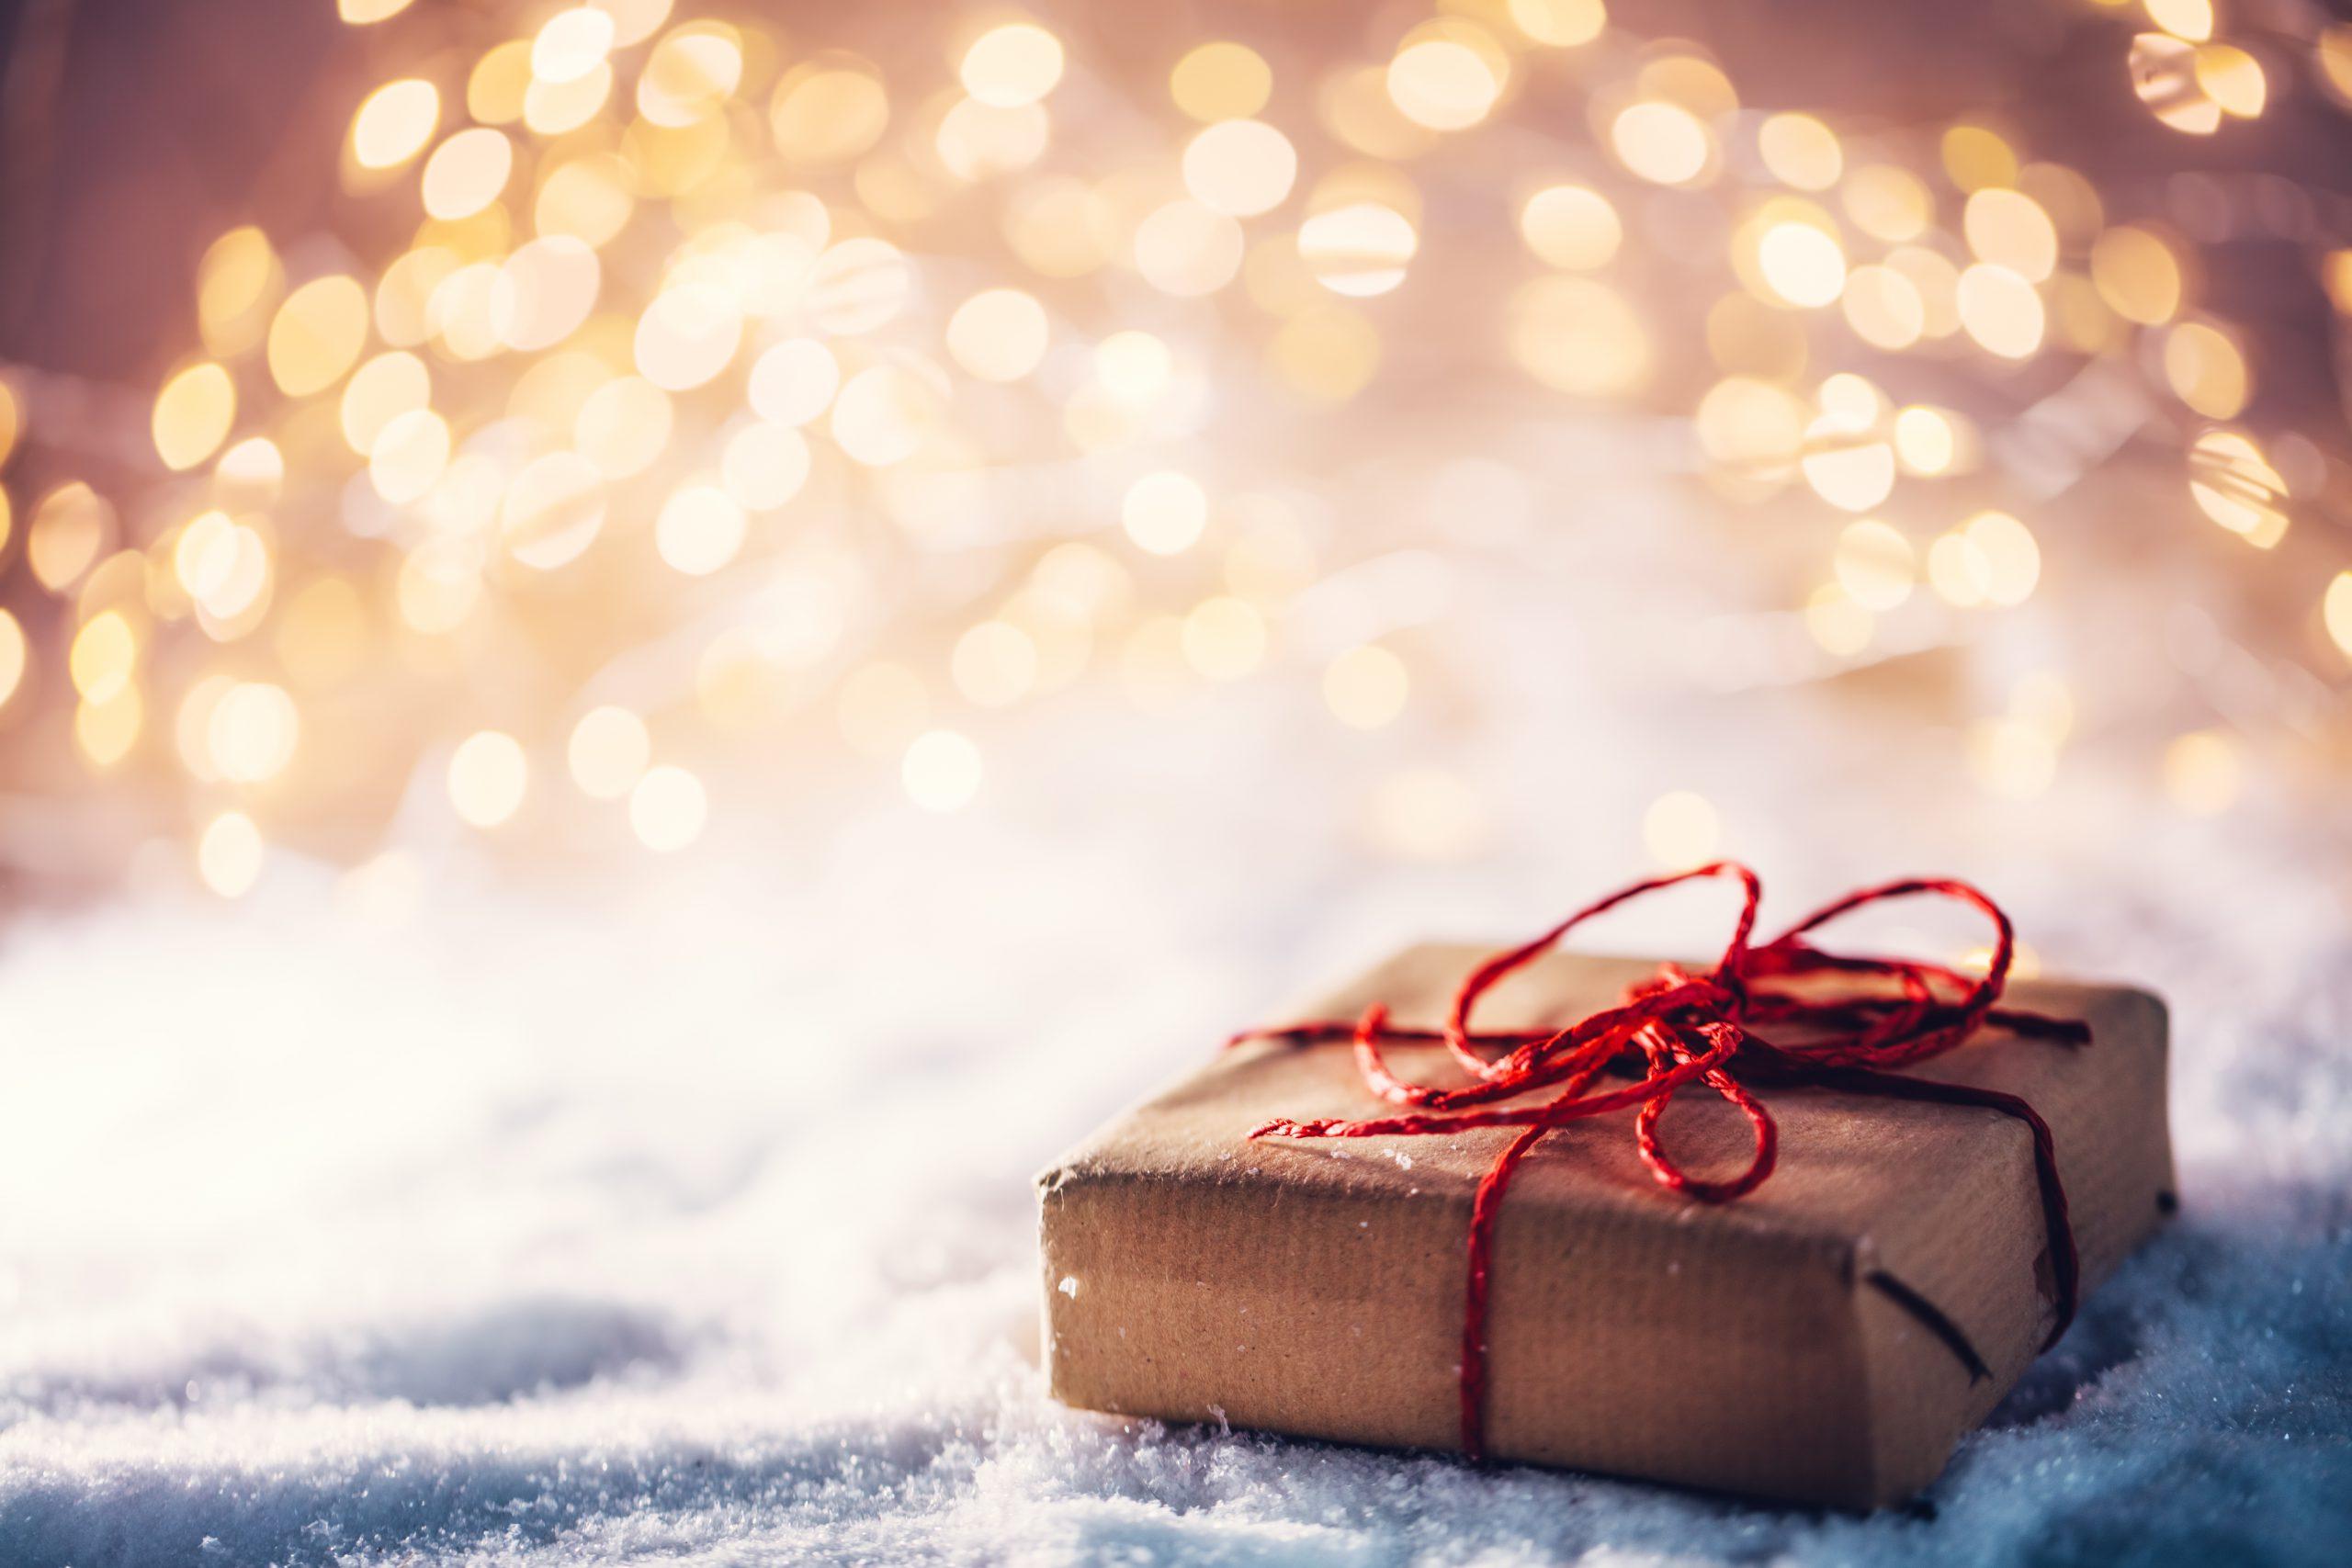 クリスマスプレゼント調査、女性の47%「彼氏からのプレゼントで嬉しいフリ」